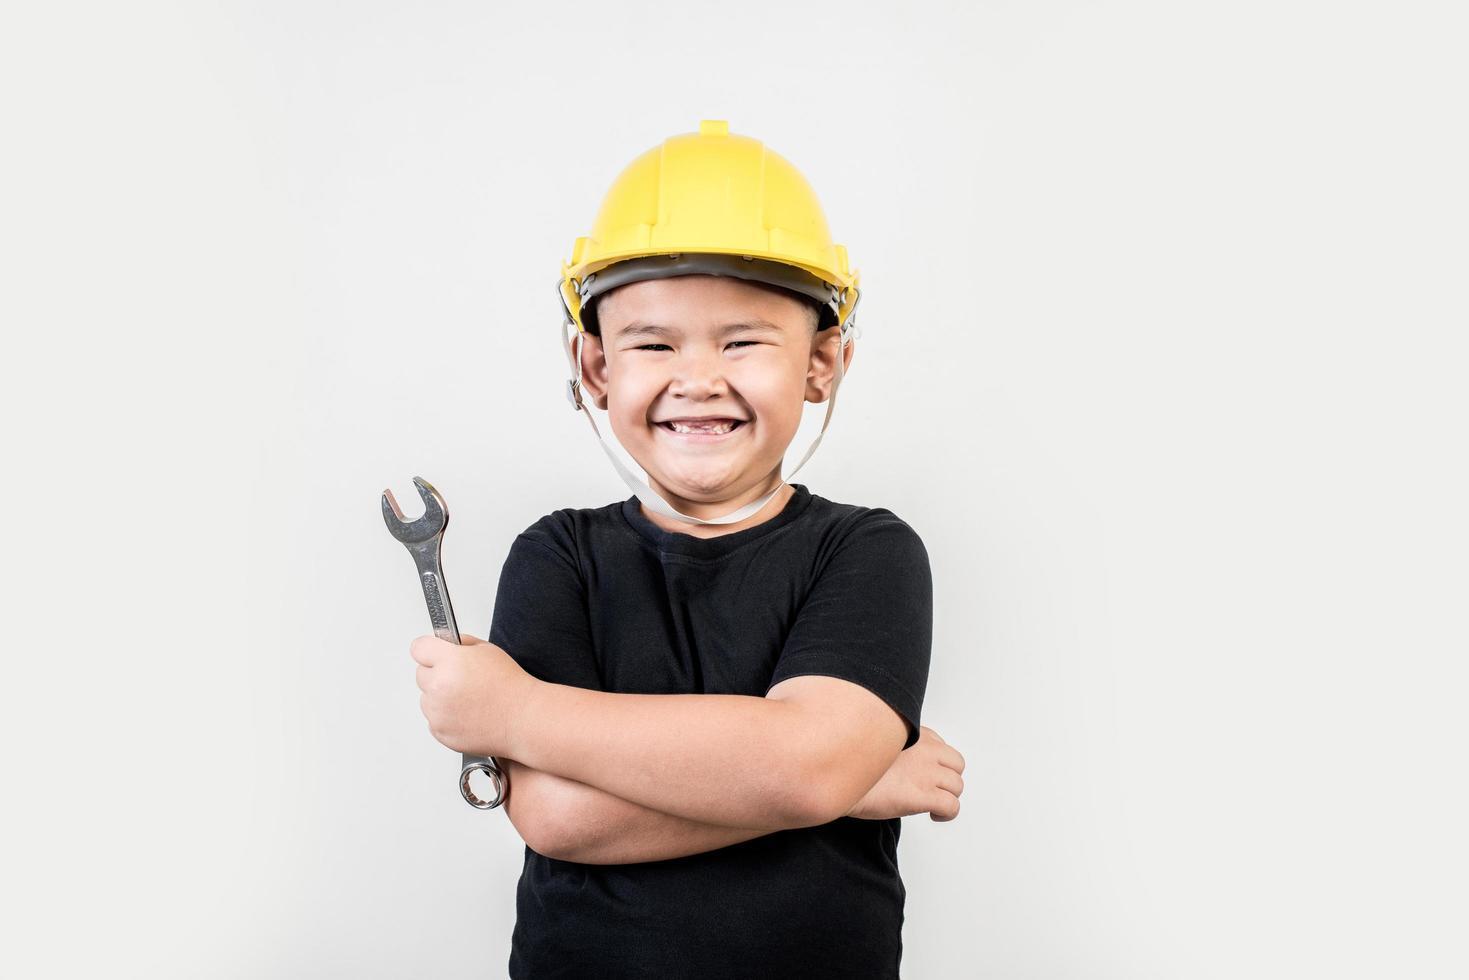 retrato niño feliz con sombrero de ingeniero. foto